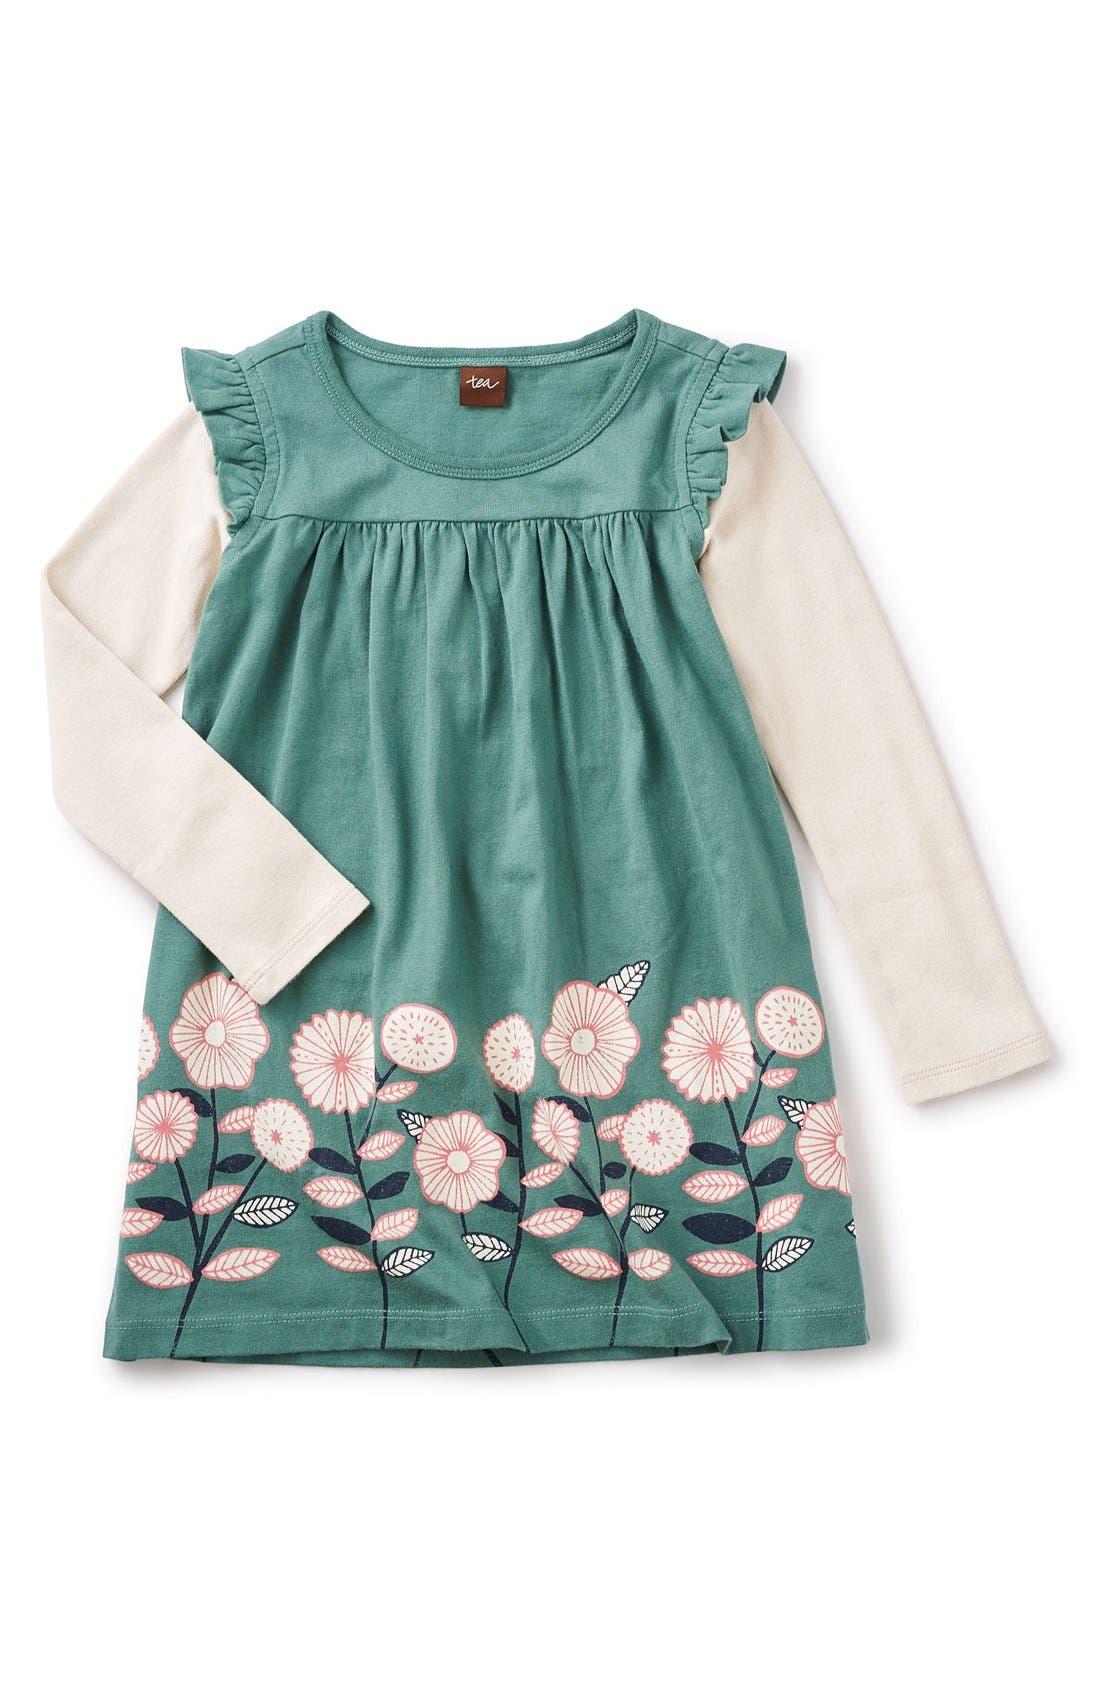 Main Image - Tea Collection 'Midori - Double Decker' Layered Dress (Toddler Girls, Little Girls & Big Girls)